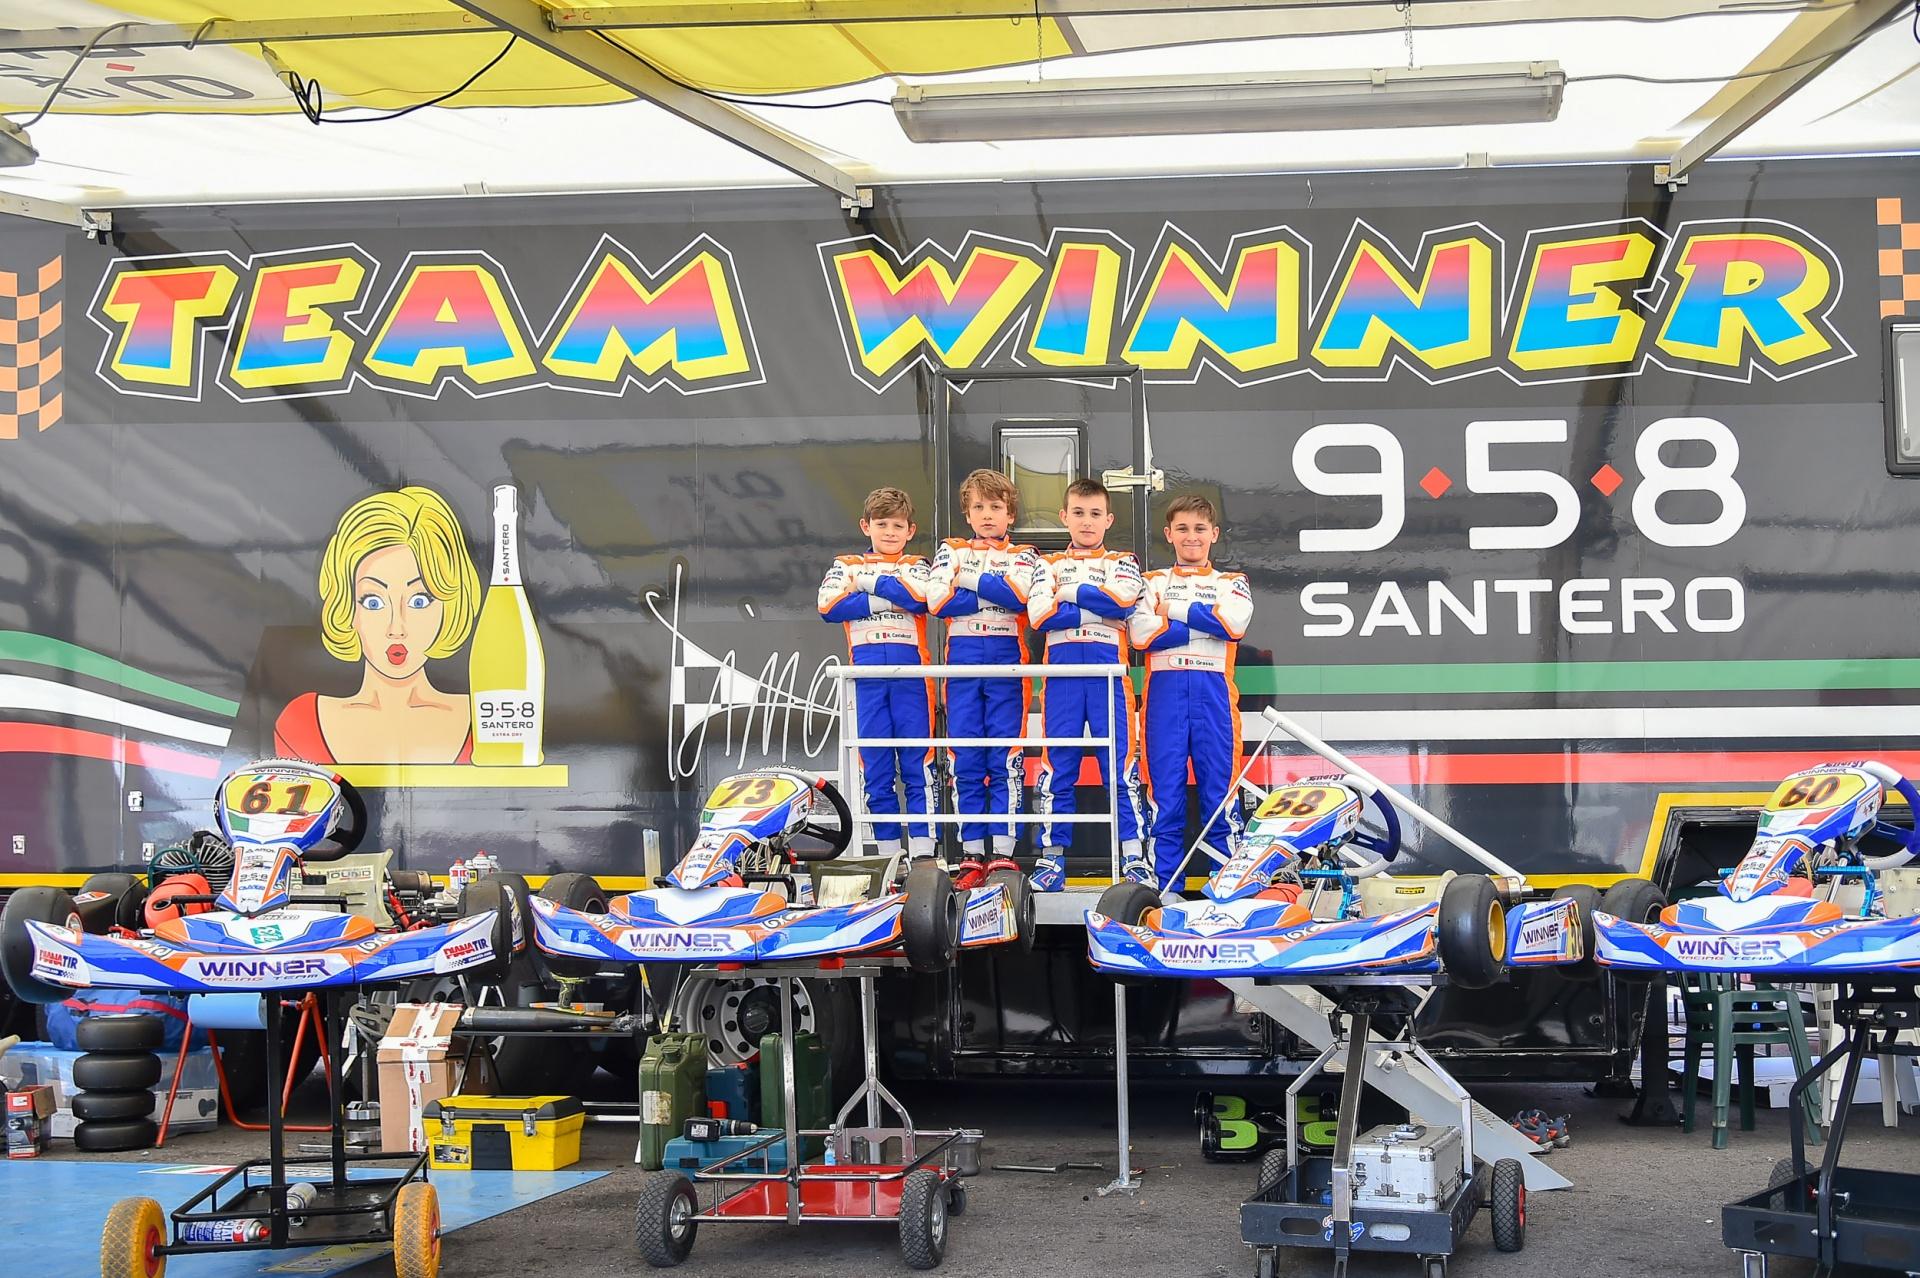 Alla Winner la sesta edizione del Trofeo Vini e Colline del Monferrato